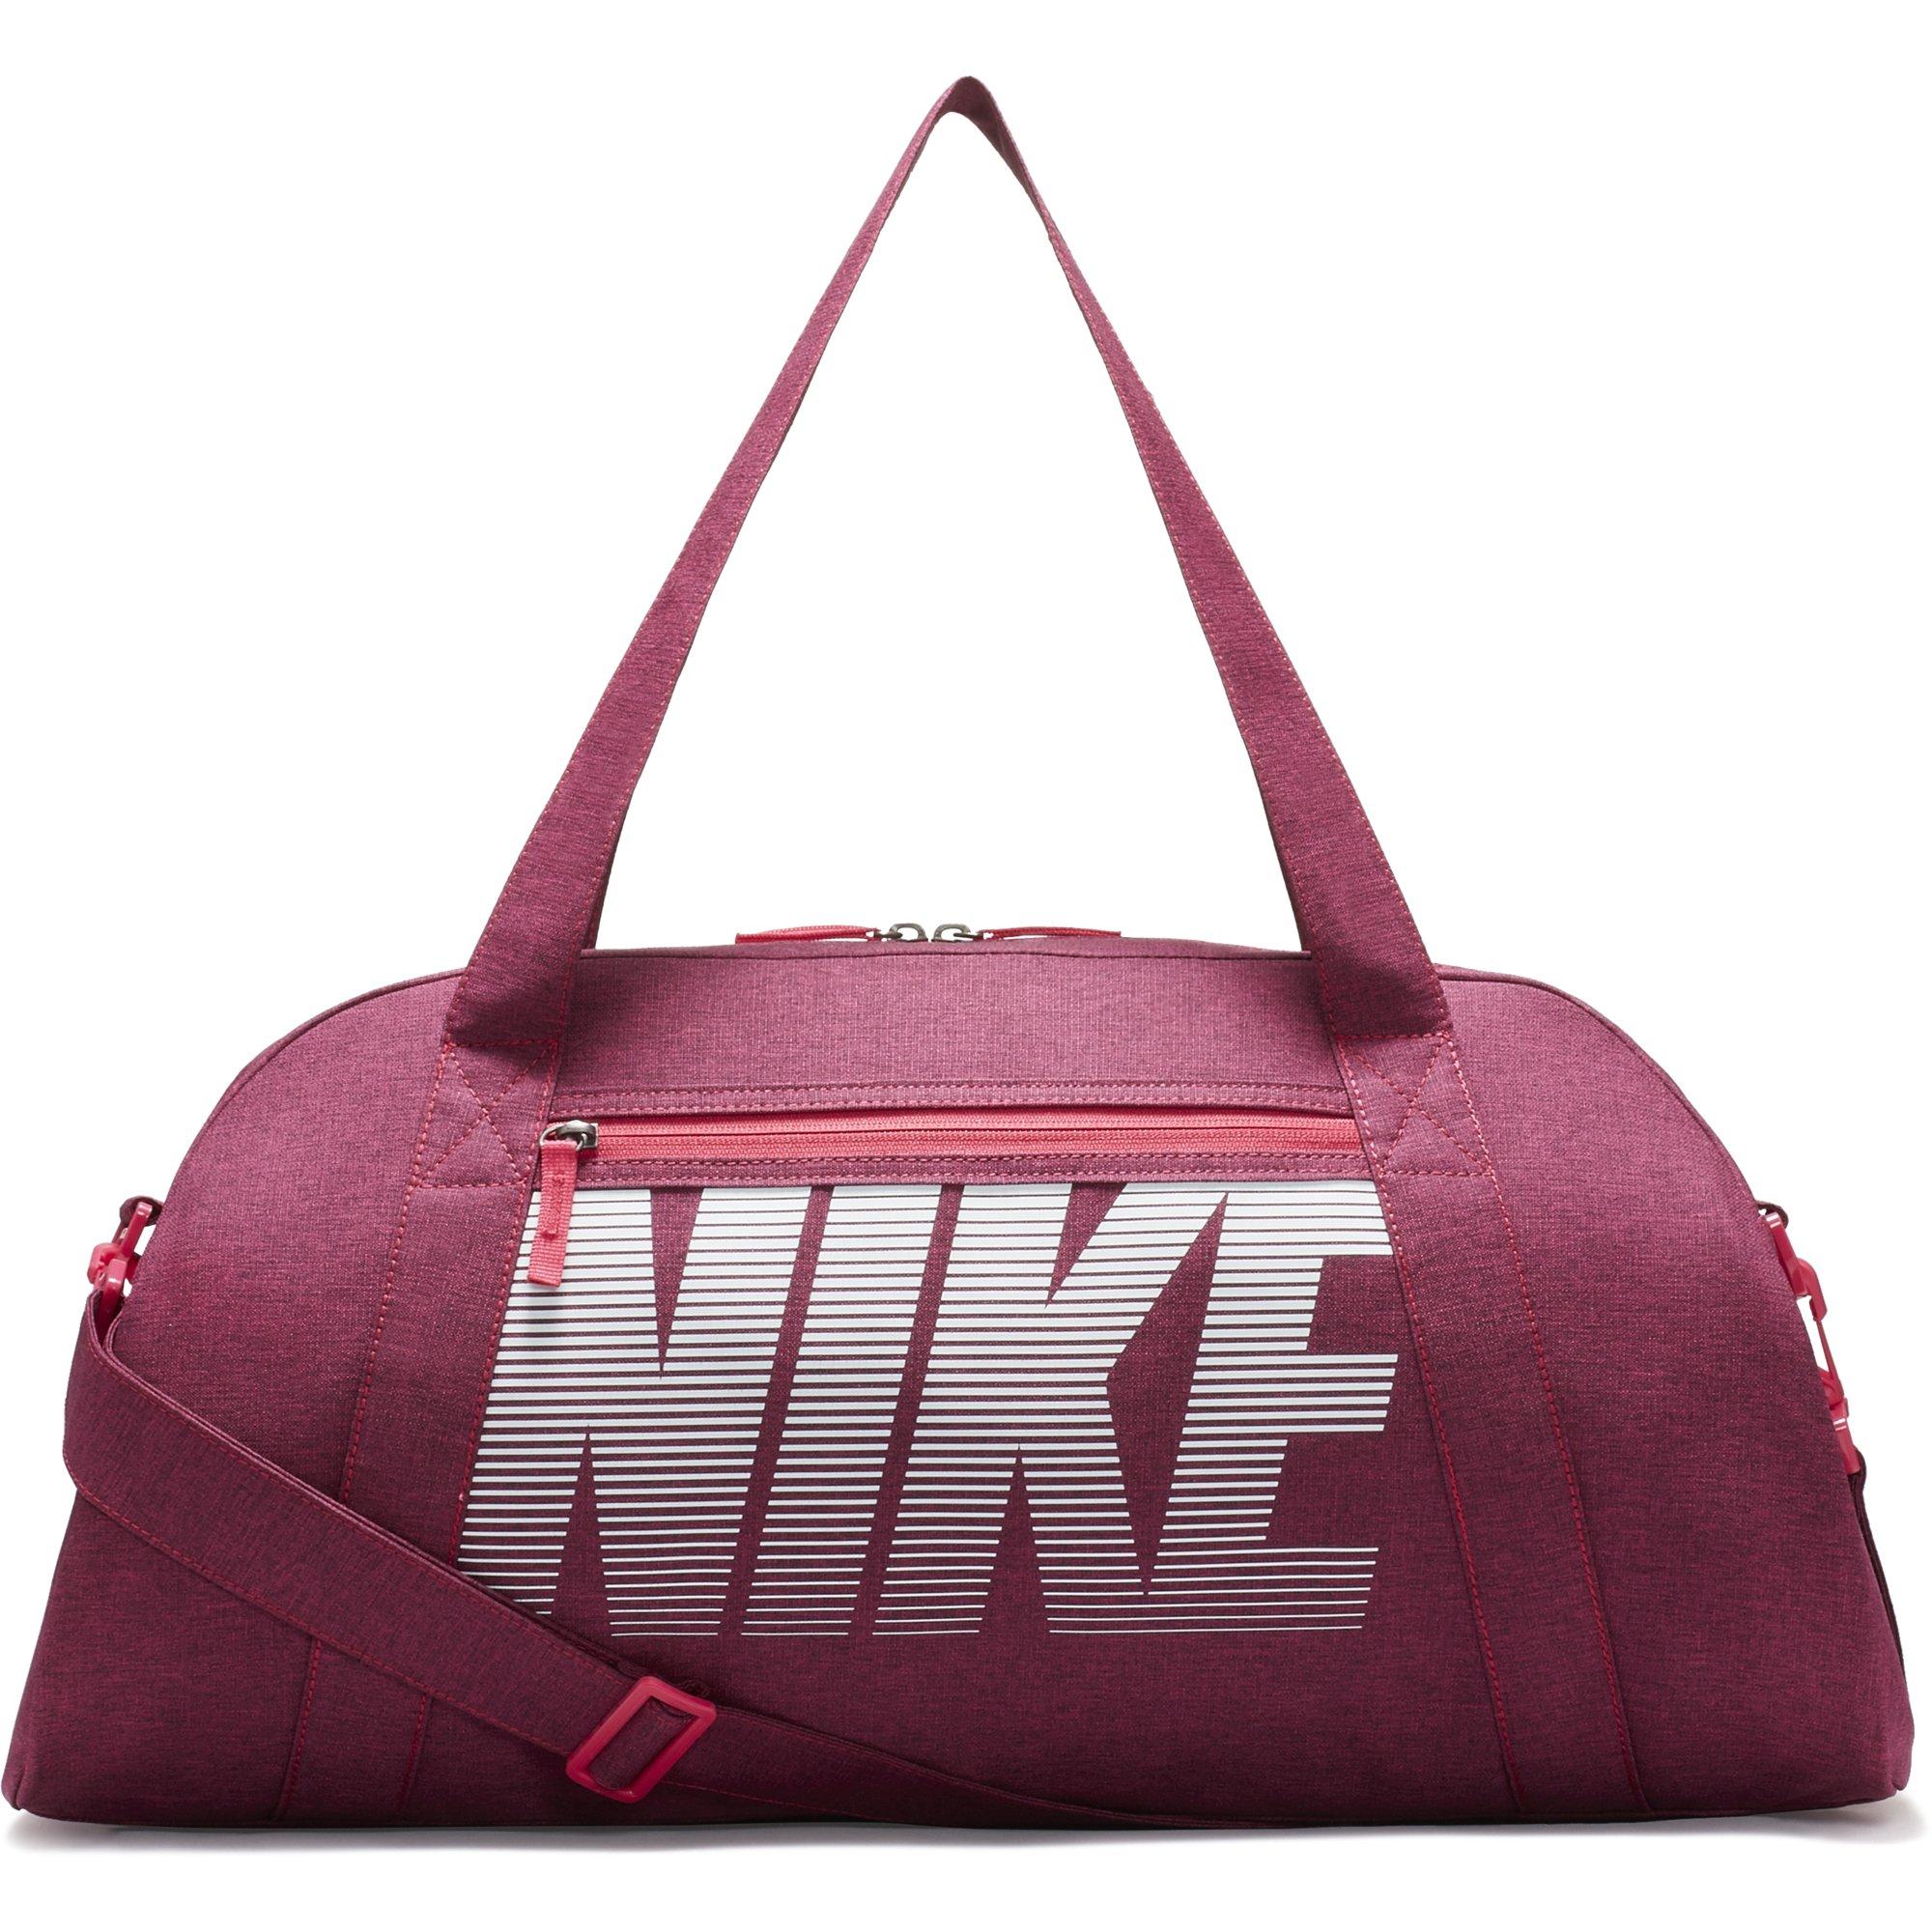 Najnowsza Wielka wyprzedaż strona internetowa ze zniżką NIKE torba TOREBKA damska BA5490-633 różowa fuksja ...